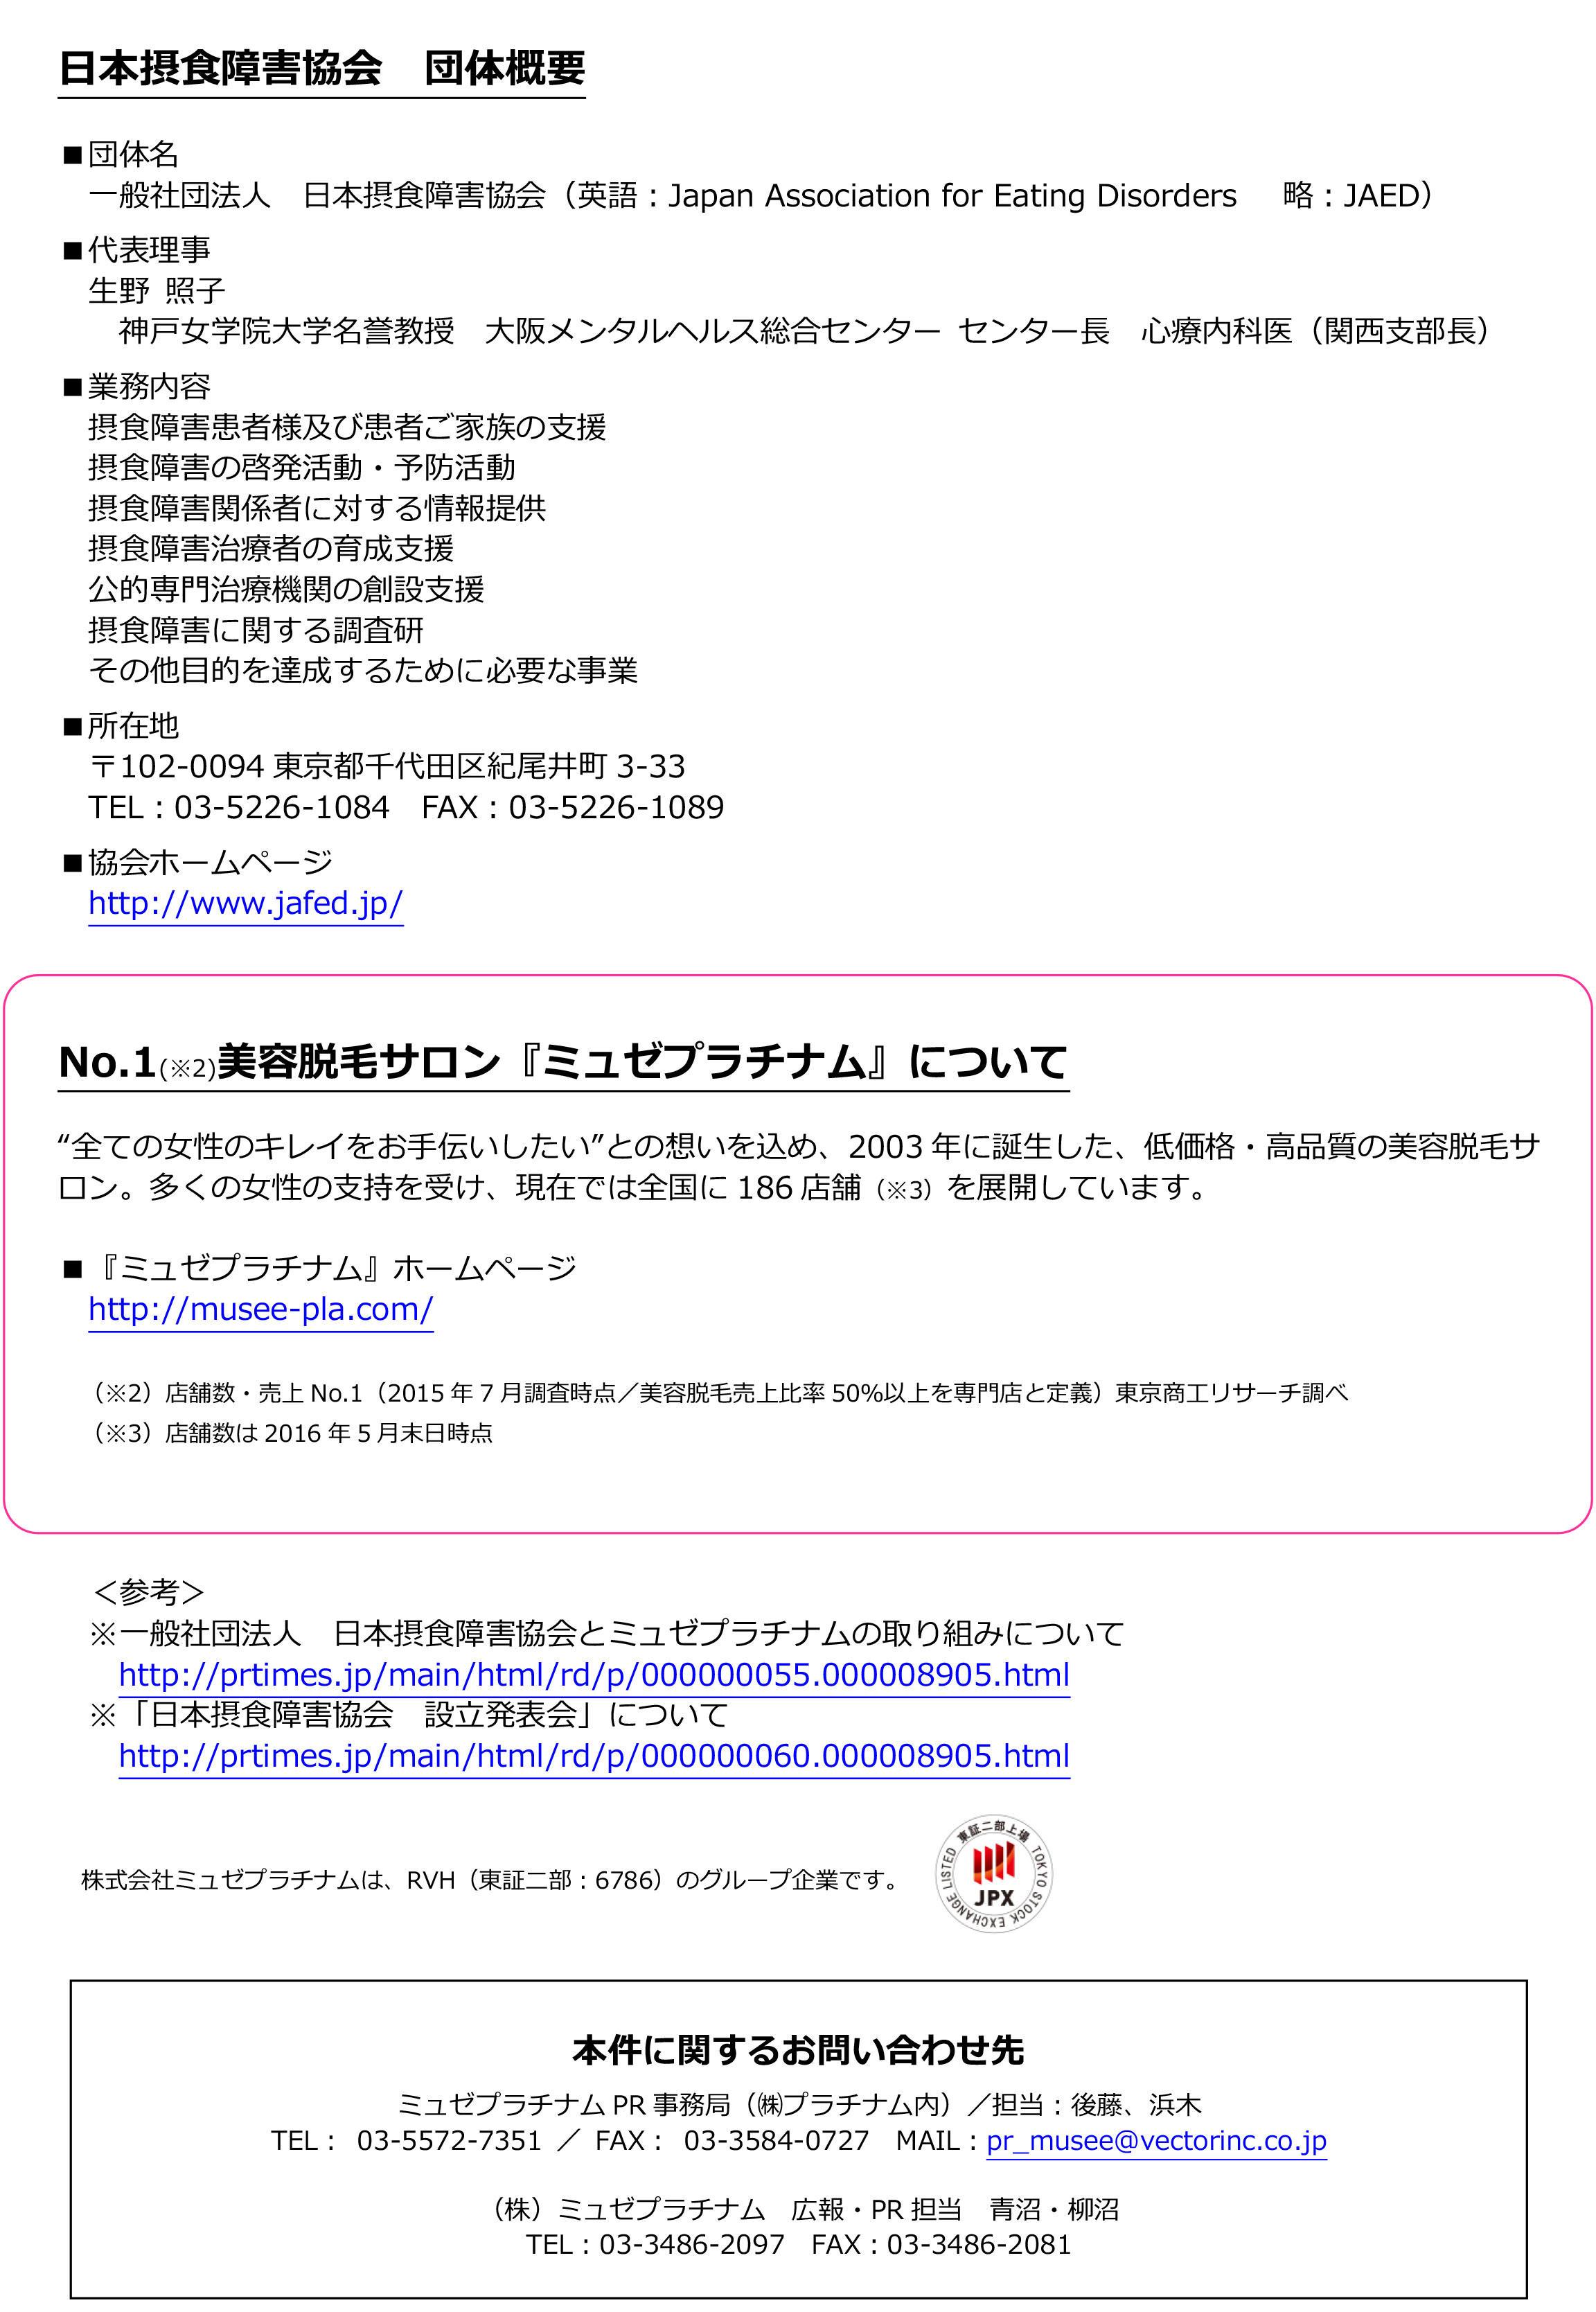 info160603-2.jpg